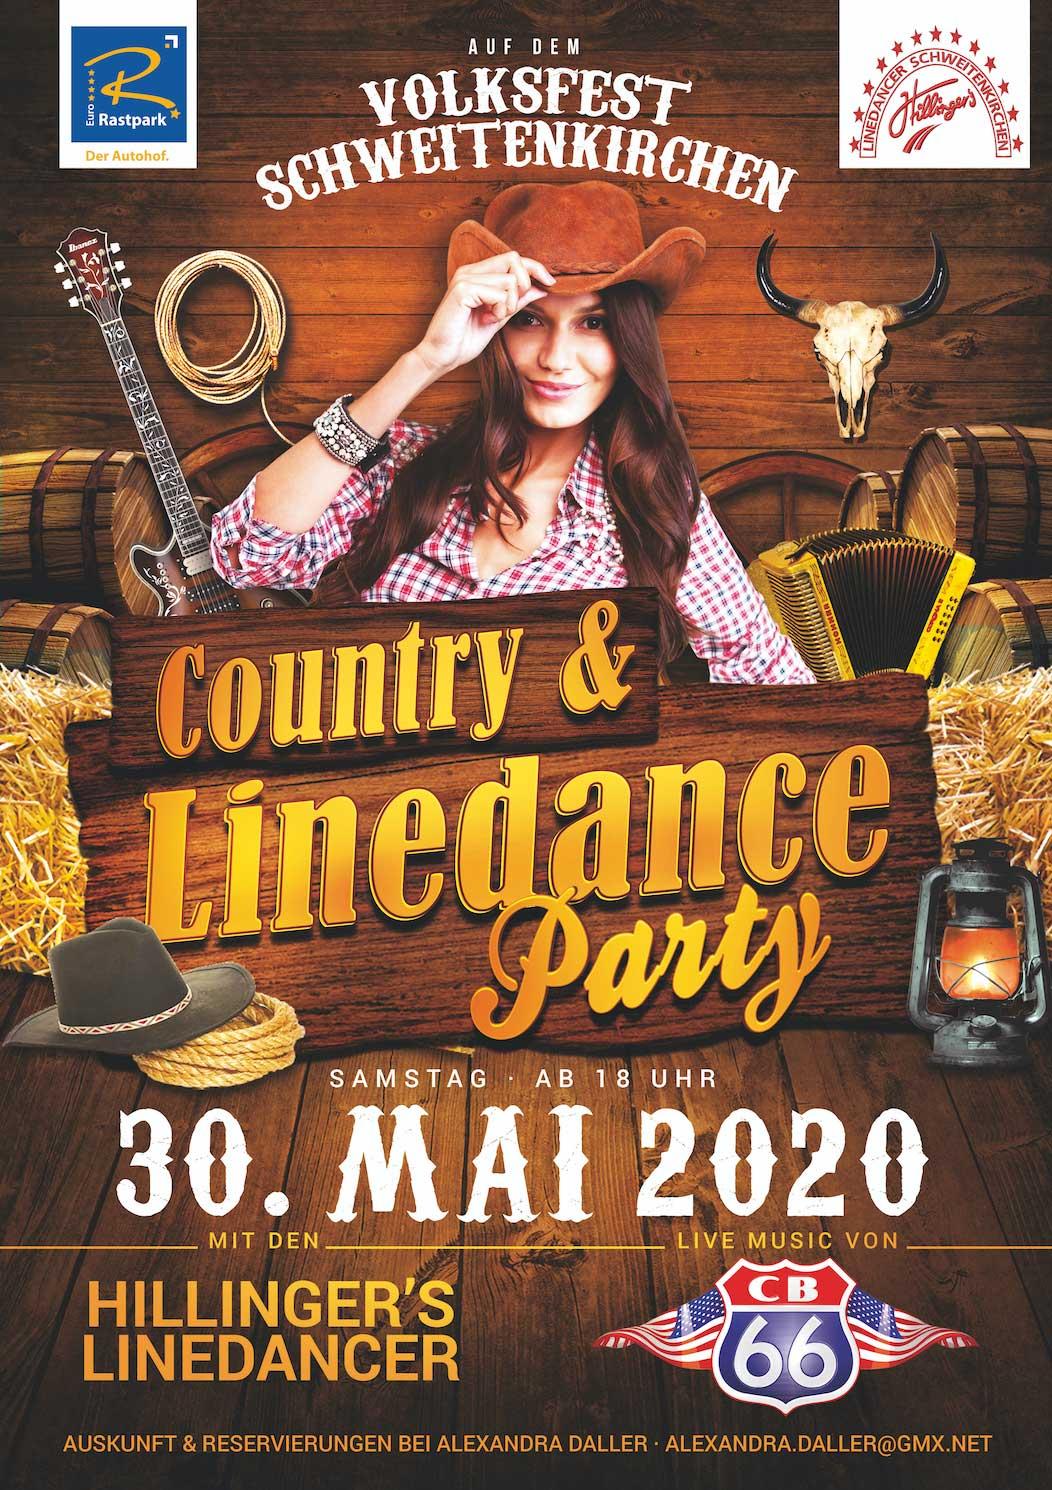 ABGESAGT! Country & Linedance Party auf dem Schweitenkirchener Volksfest